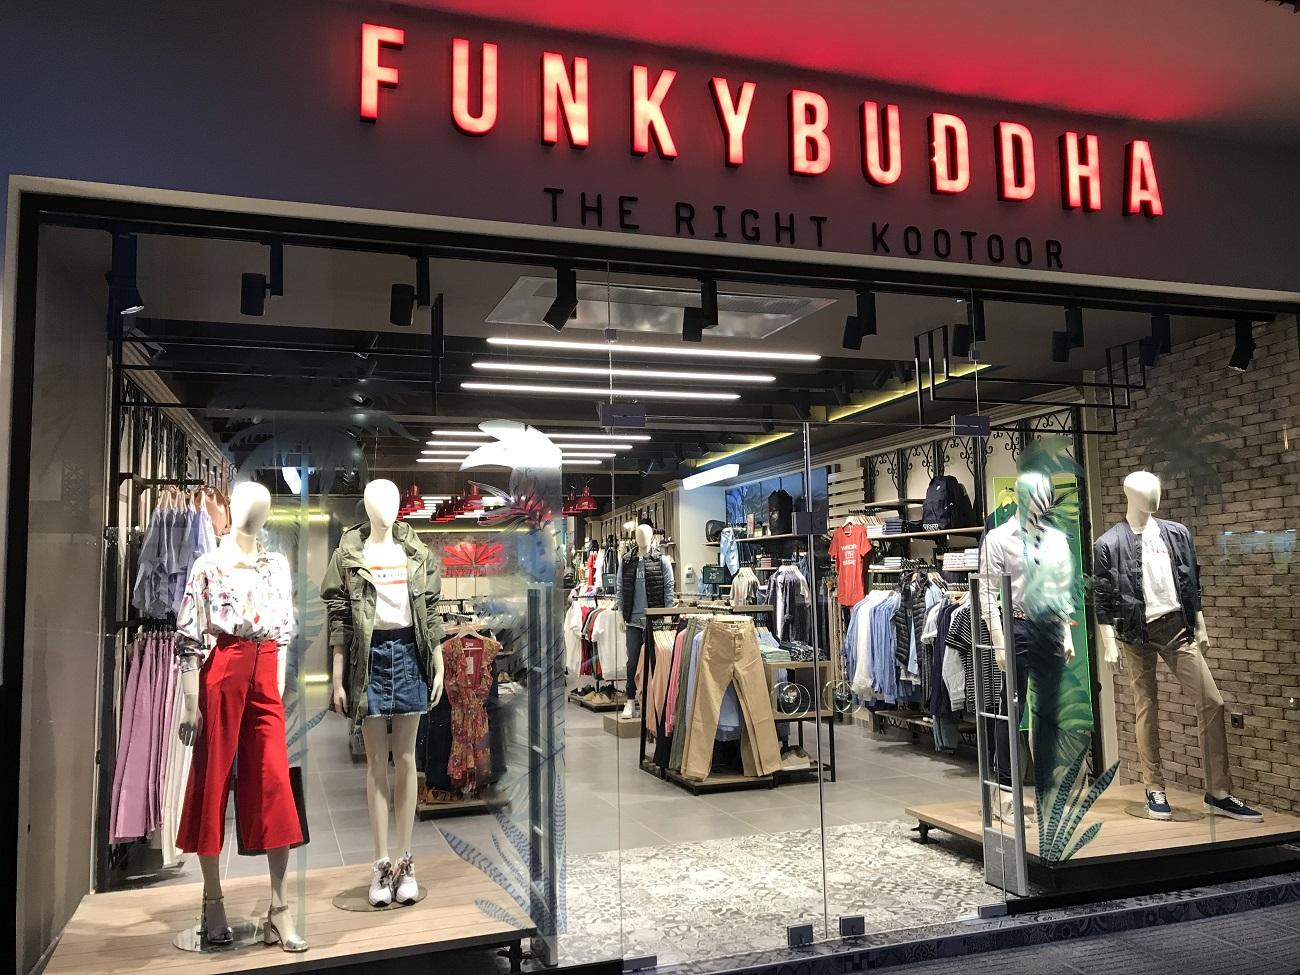 Η εταιρεία ρούχων Funky Buddha επέλεξε το τμήμα LG Business Solutions της  LG Electronics (LG) και την εταιρεία οπτικοακουστικών Mood Media Hellas d538ec881c7